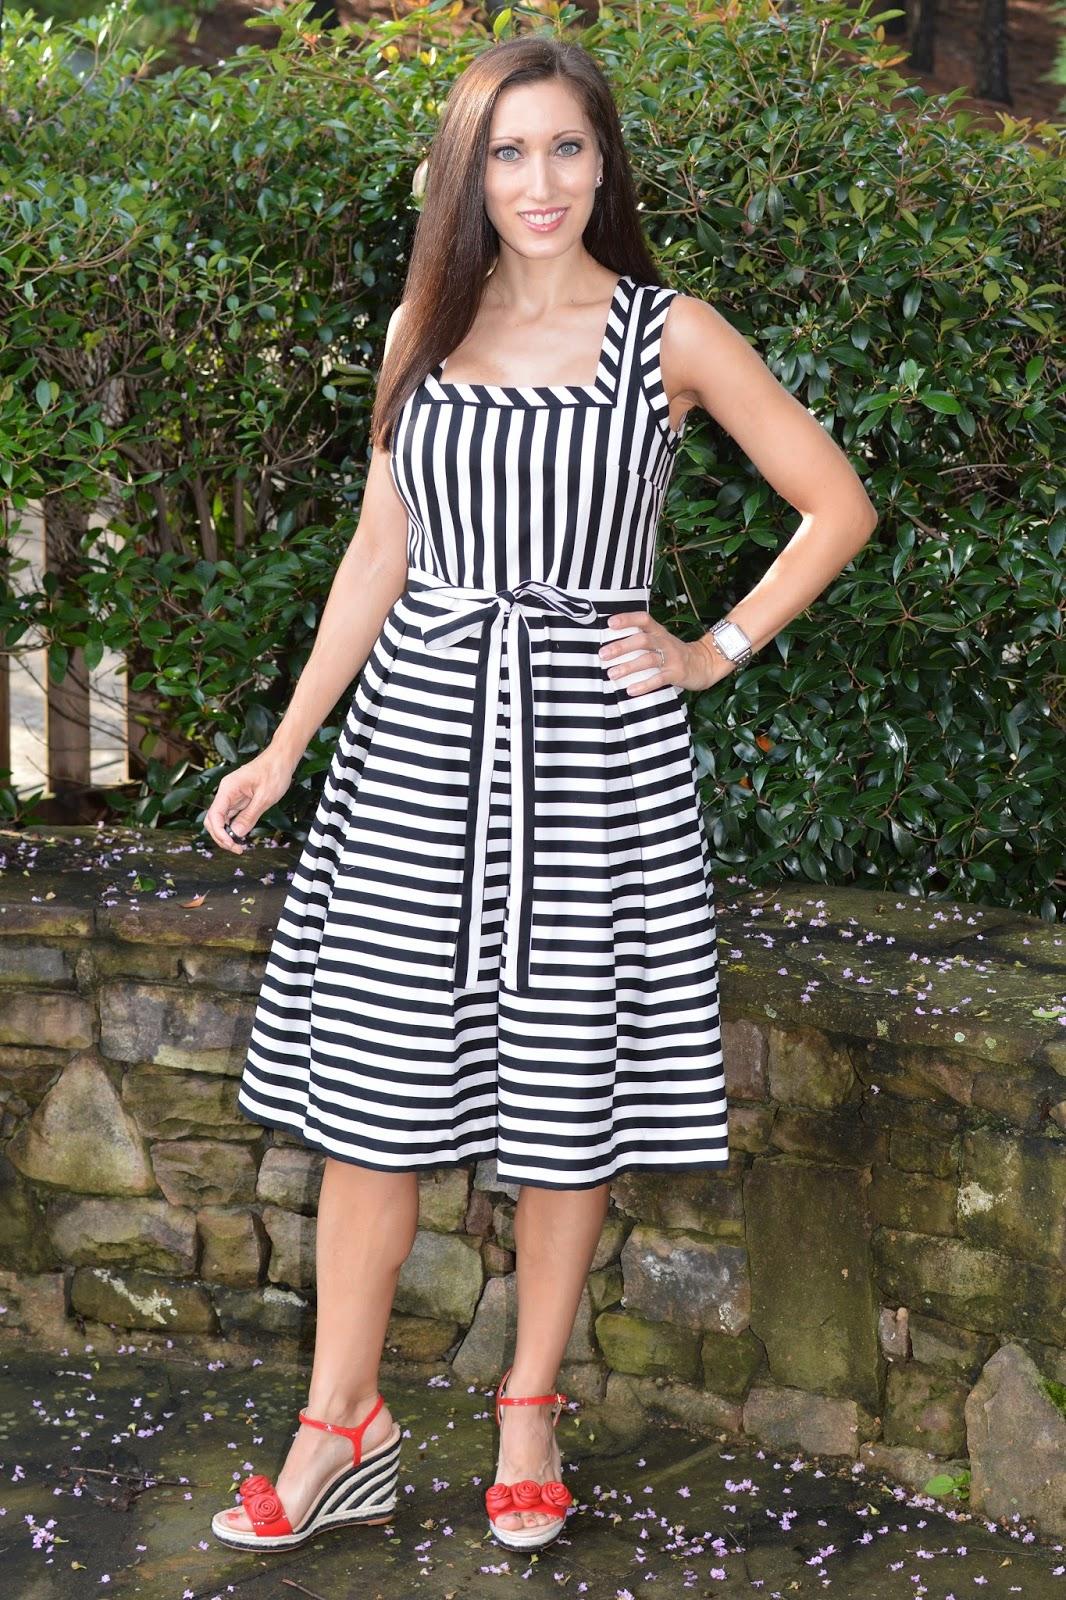 cb85e395d4a Everyday Fashionista - Atlanta Blogger: The Match Game